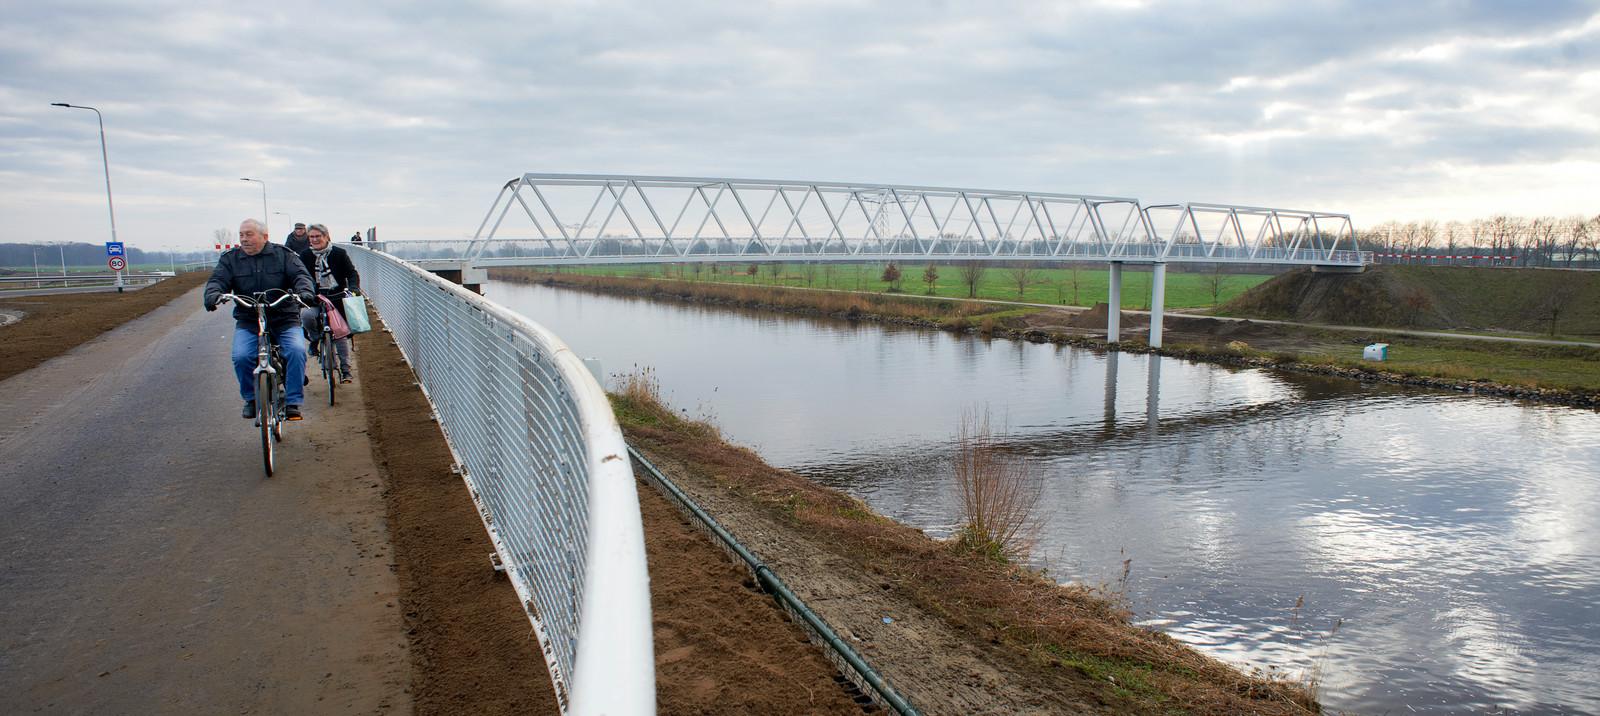 Fietsbrug over de Zuid Willemsvaart bij de N279, ter hoogte van de Runweg in Berlicum.